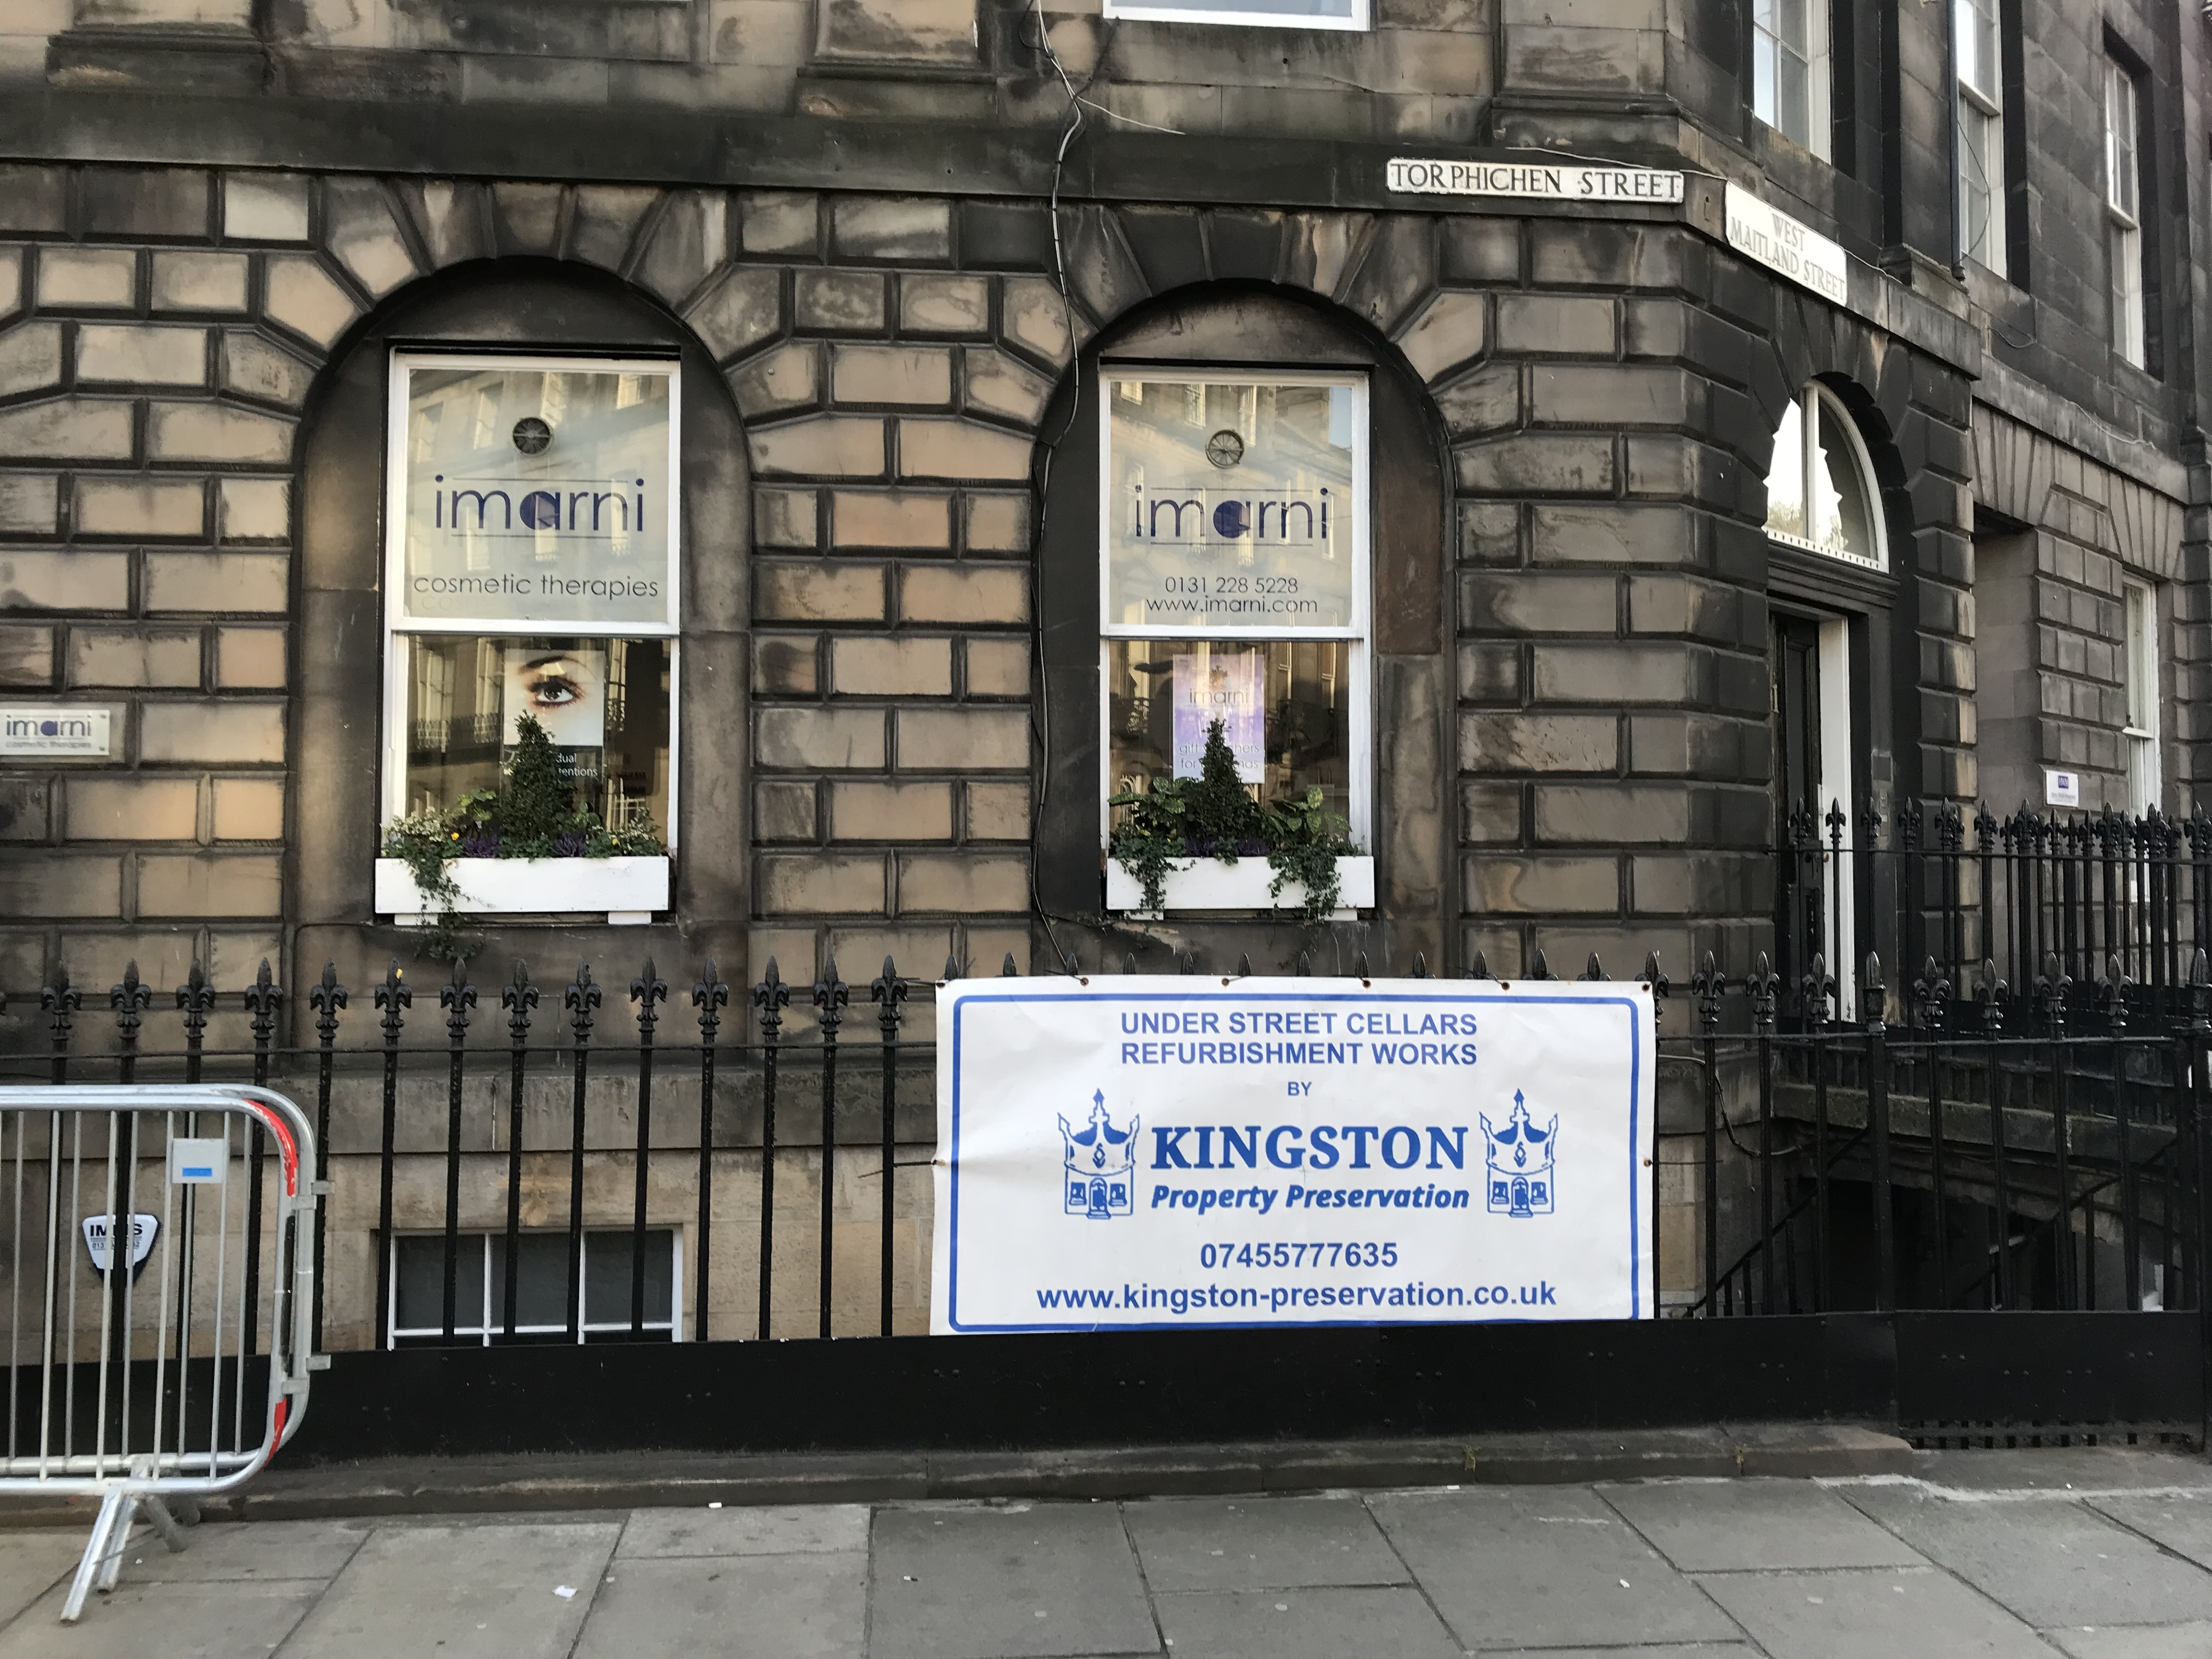 Kingston Property Preservation News